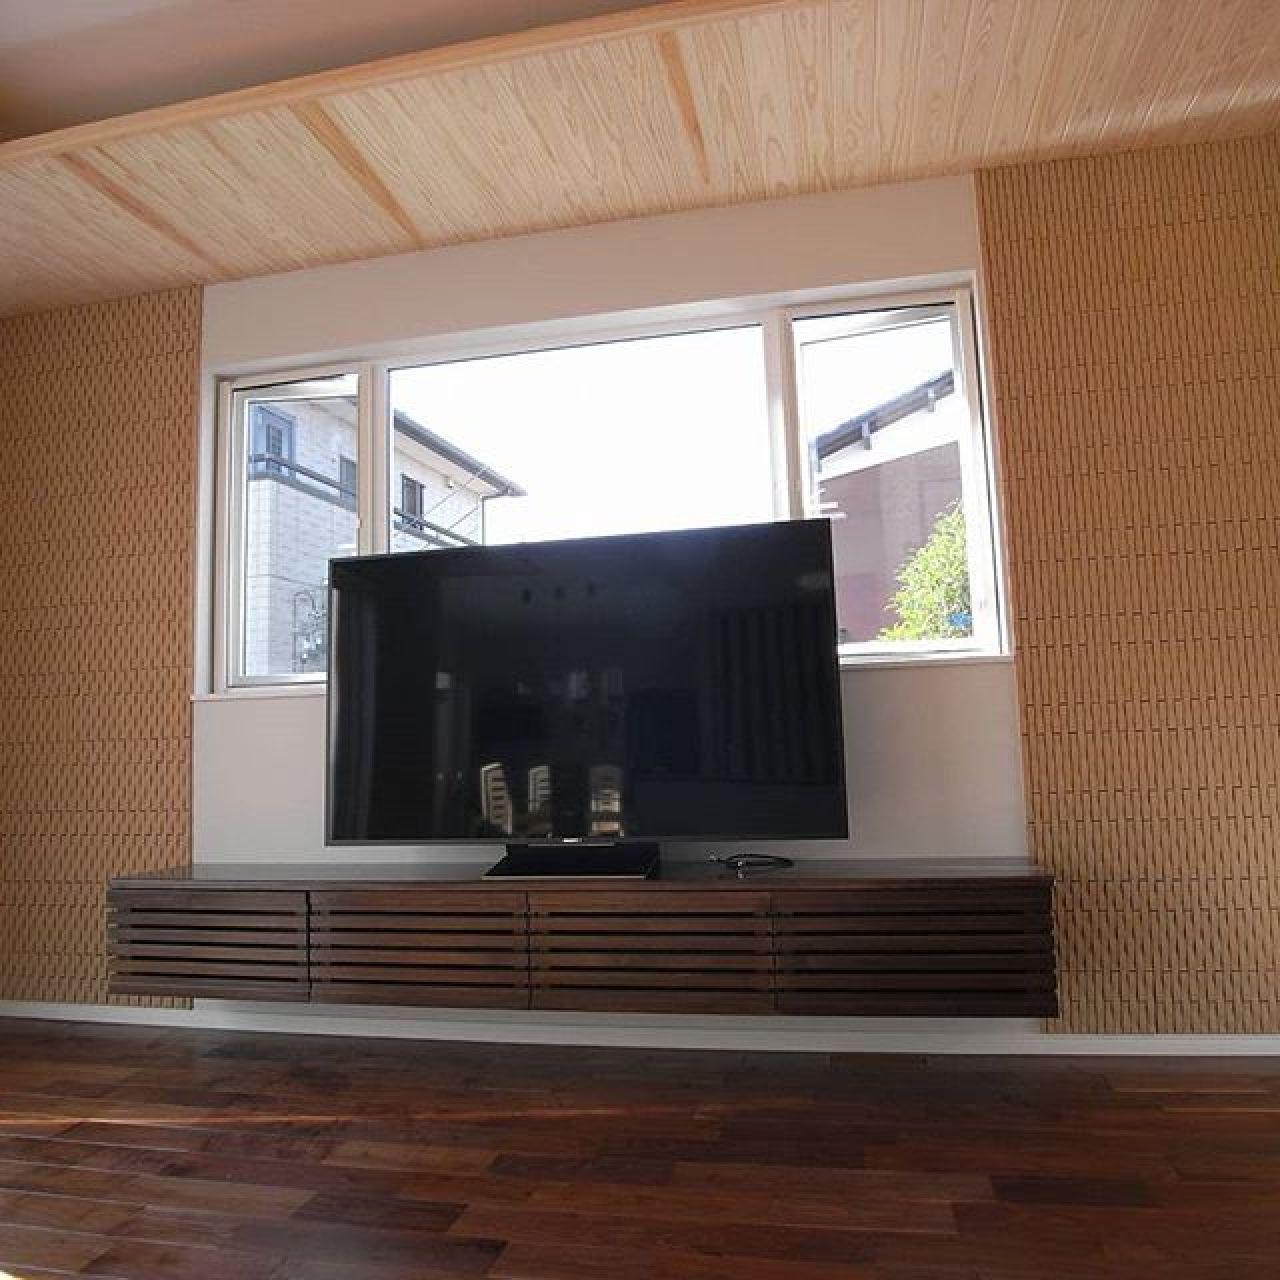 幅250cmの65インチ?テレビの造り付けテレビ台、リビングボード。両サイドにエコカラットタイルを貼って栃木県産材の杉板で間接照明用に天井を追加。家具屋さんやネットでさんざん探されたそうですが、このサイズでお気に召すものが無かったので、お客様自らデザインされて依頼。この程度なら大工さんでOK。#テレビボード #テレビ台 #リビングボード #エコカラット #間接照明 #ブラックウォールナット #ウィンコール#自然素材 #造り付け家具 #作り付け家具 #注文住宅 #栃木県産#杉 #グリーン化事業#補助金